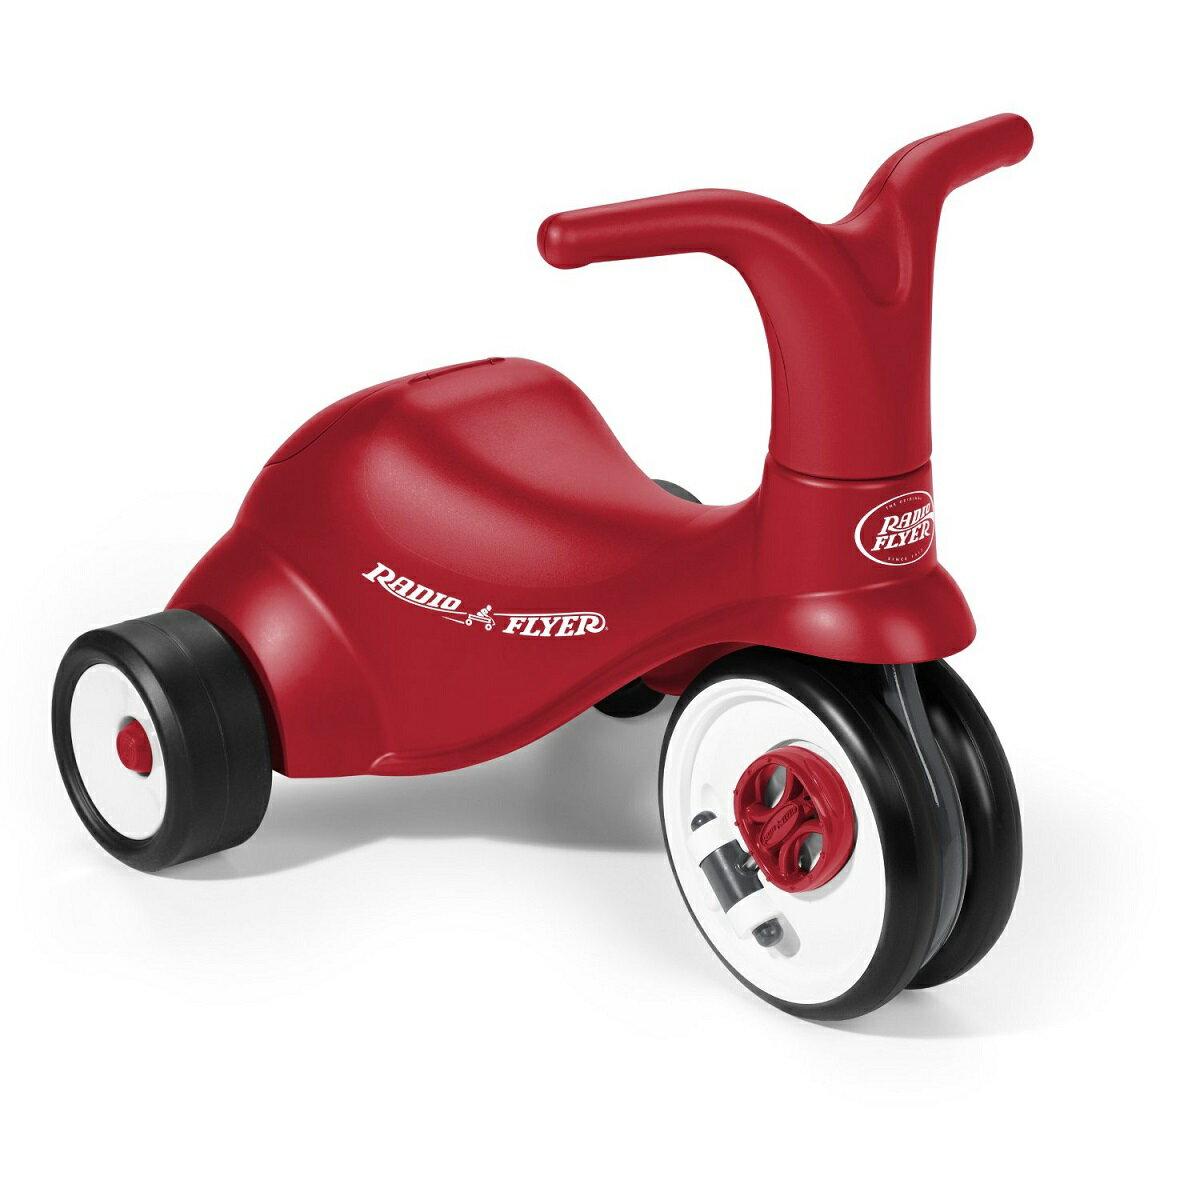 11月入荷予定【送料無料】【RADIO FLYER ラジオフライヤー】 スクート 2ペダル Scoot 2 Pedal キック&三輪車 初めてにピッタリ